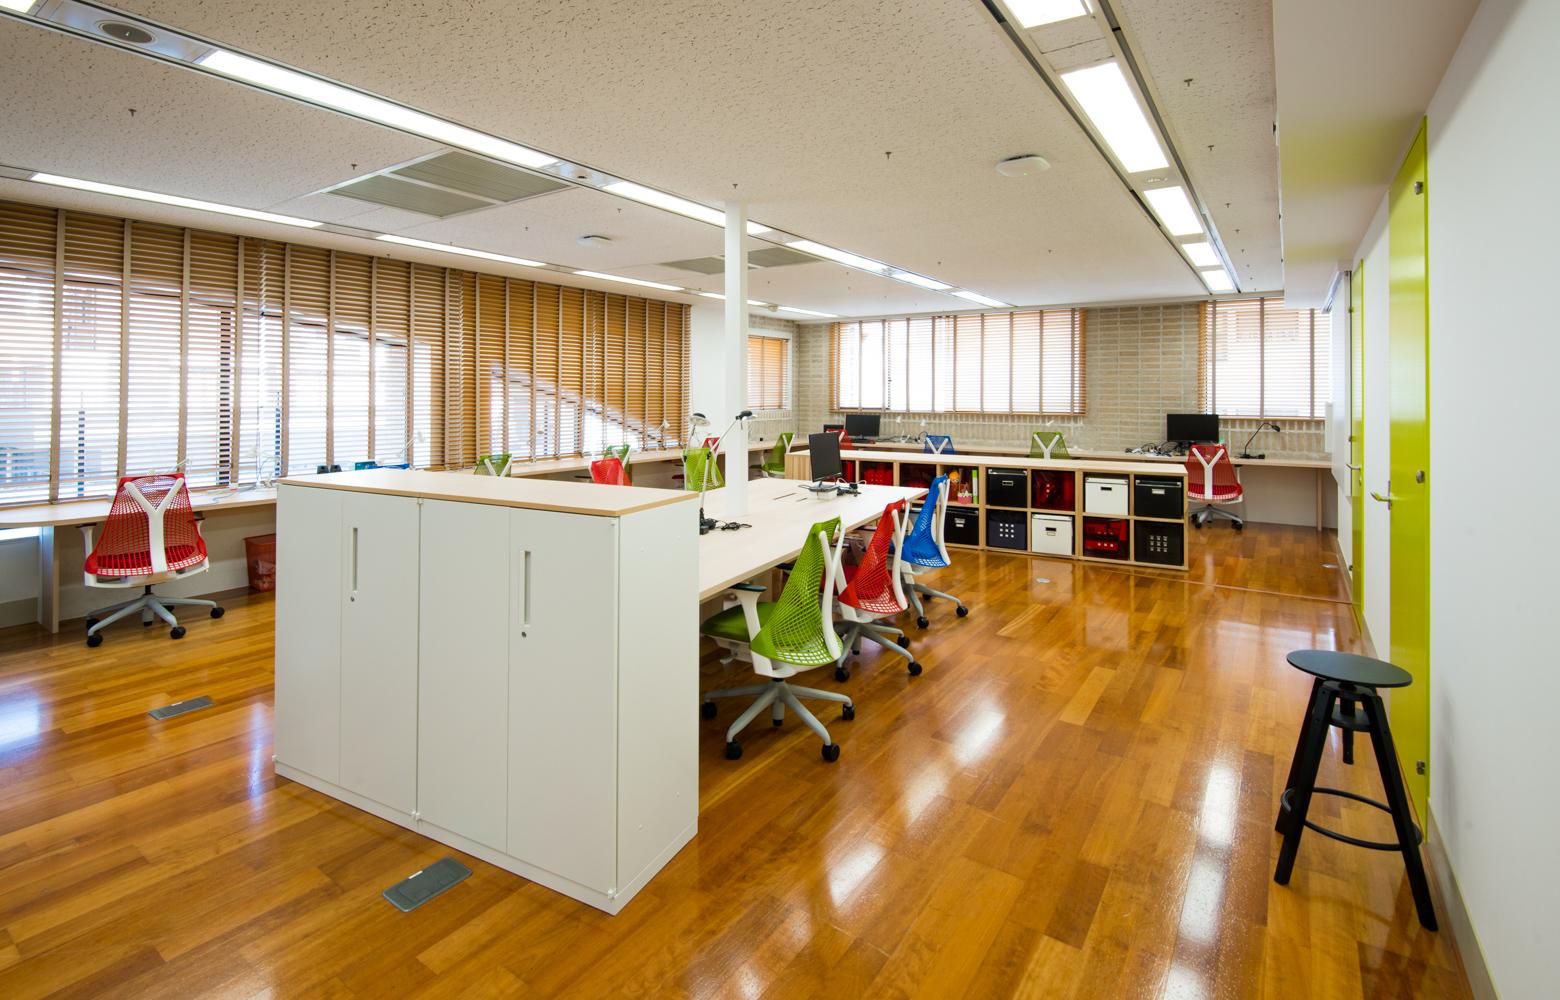 サイズミック・テクノロジーズ株式会社 Work Space_2 デザイン・レイアウト事例